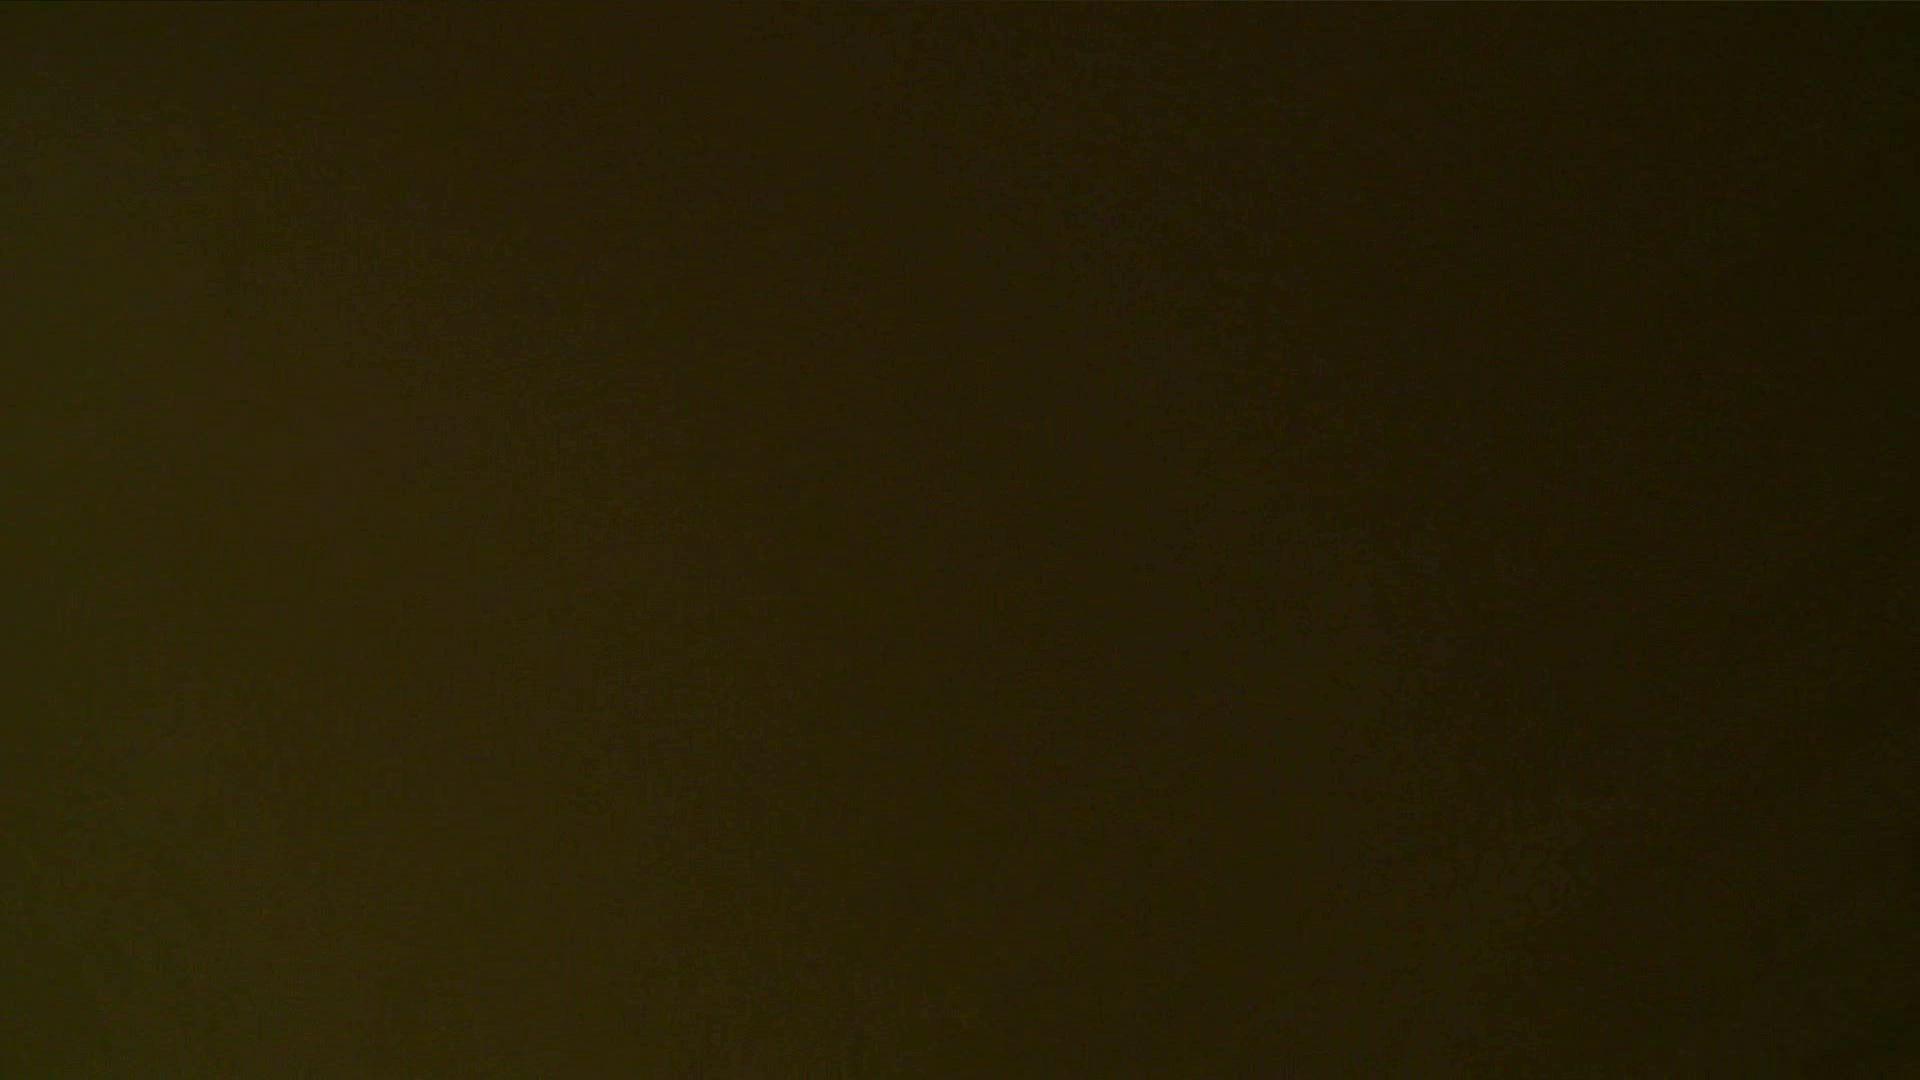 洗寿観音さんの 化粧室は四面楚歌Nol.4 洗面所 | 色っぽいOL達  104pic 37